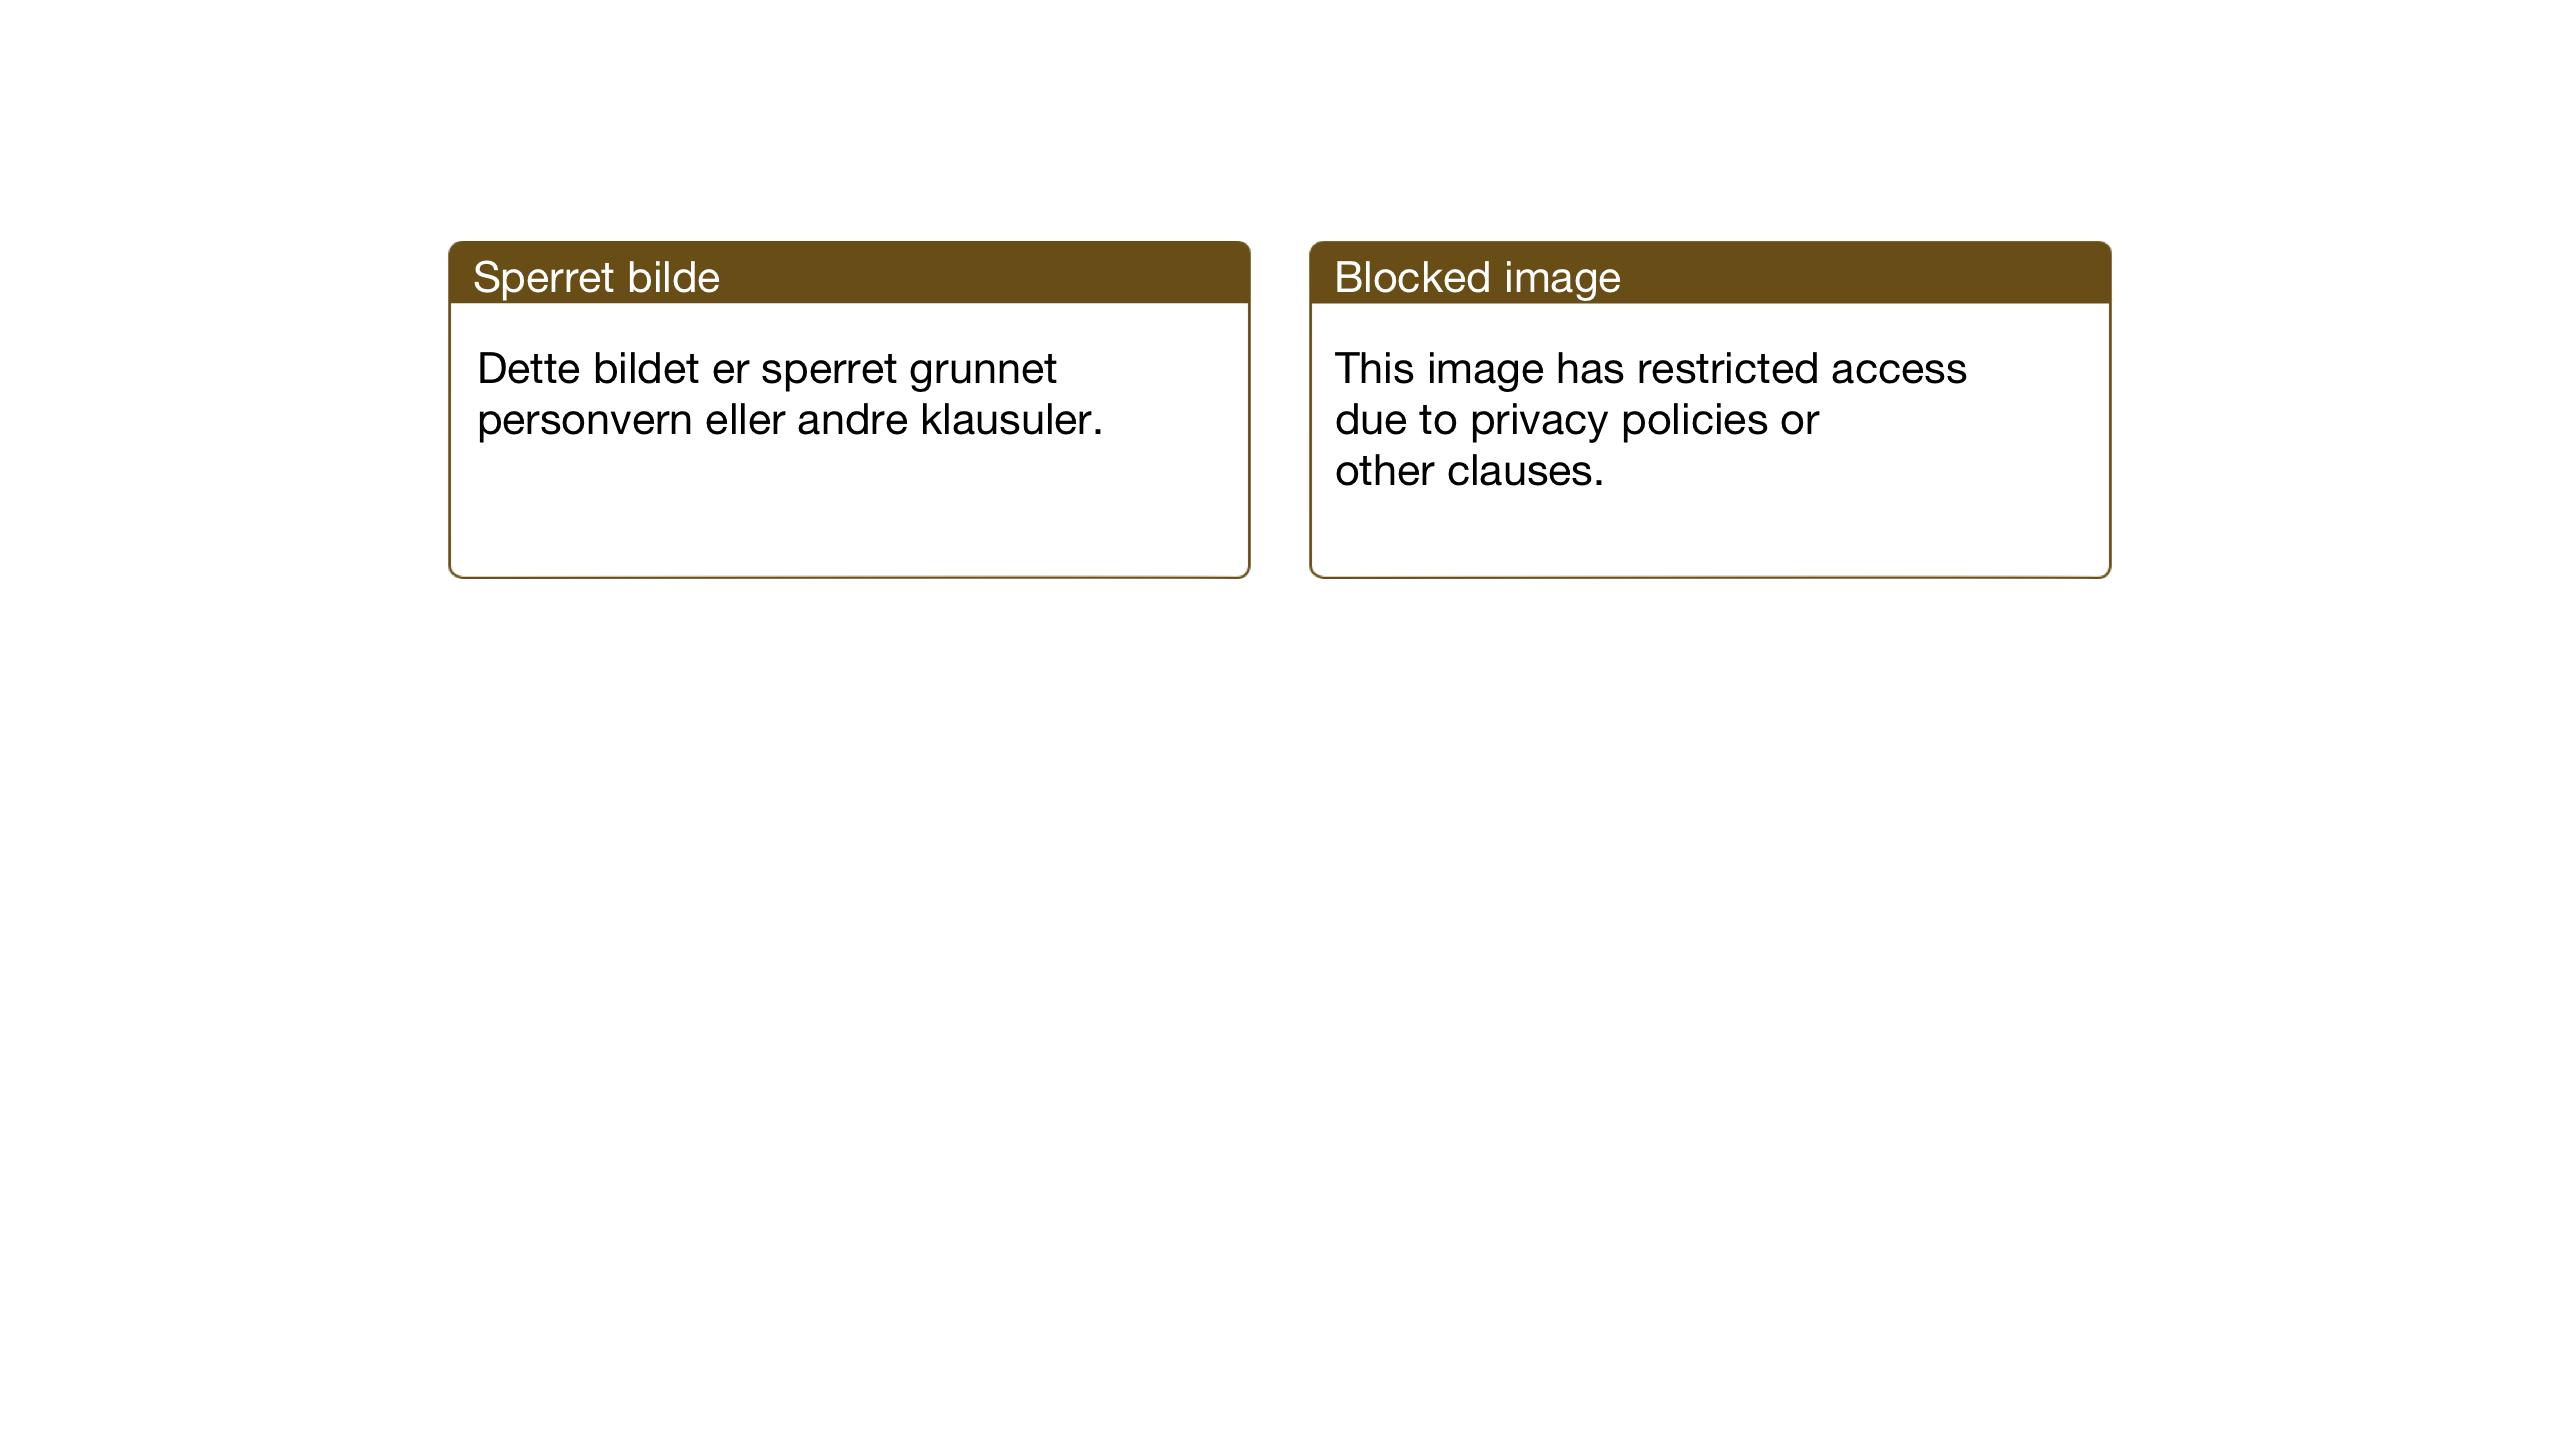 SAT, Ministerialprotokoller, klokkerbøker og fødselsregistre - Nord-Trøndelag, 733/L0328: Klokkerbok nr. 733C03, 1919-1966, s. 76